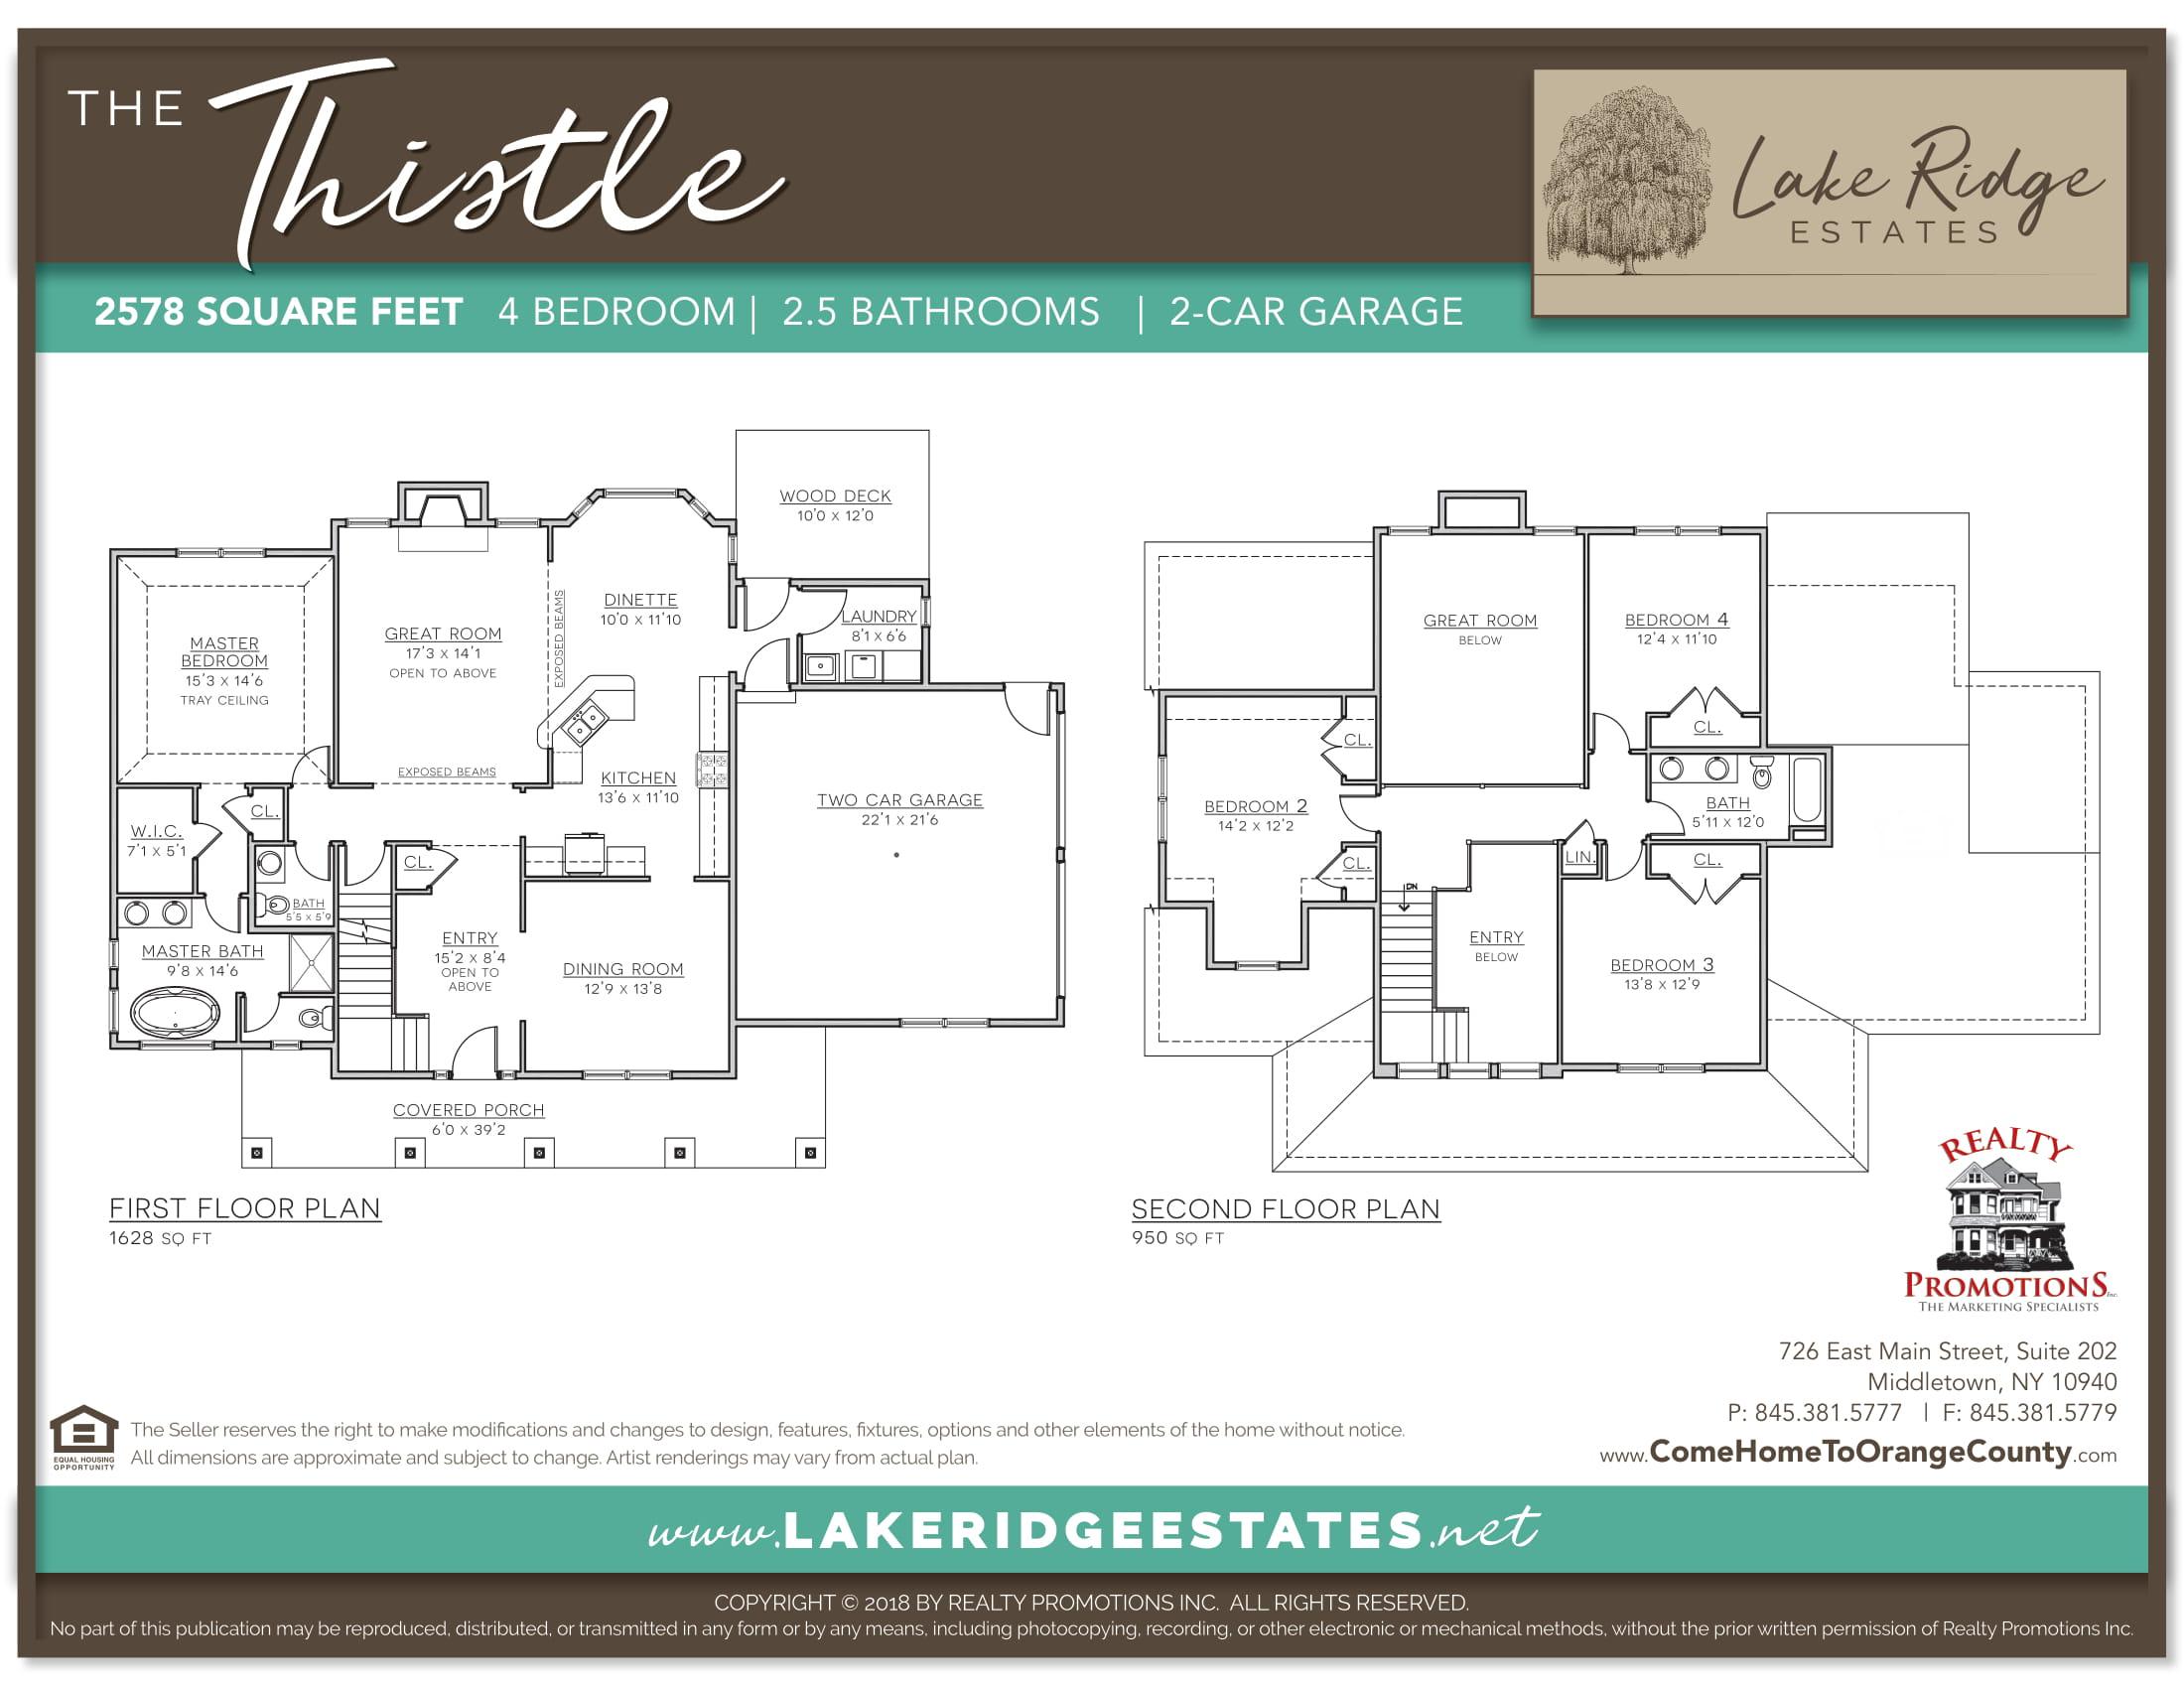 Christopher Ogden Middletown Ny Real Estate Thethistle Lakeridge 1 2